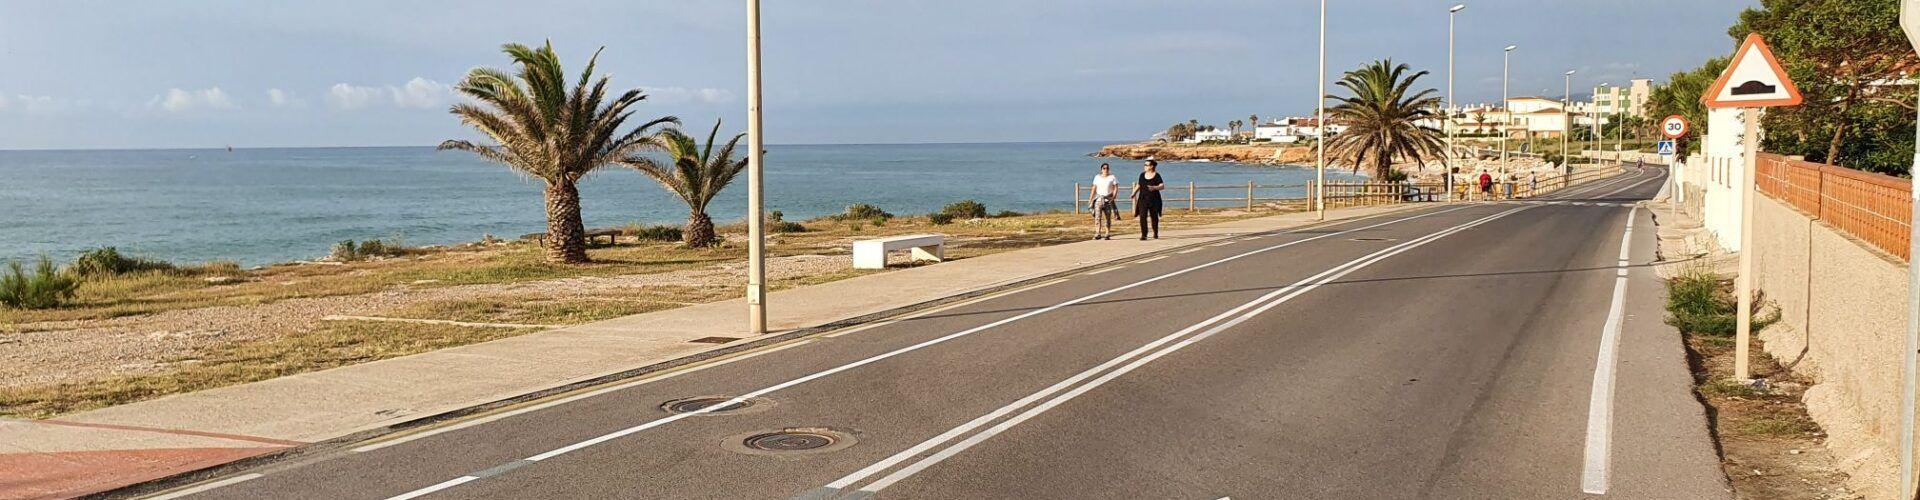 """La Plataforma de Vecinos """"Carretera Costa Sur"""" de Vinaròs critica la modificación del vial"""